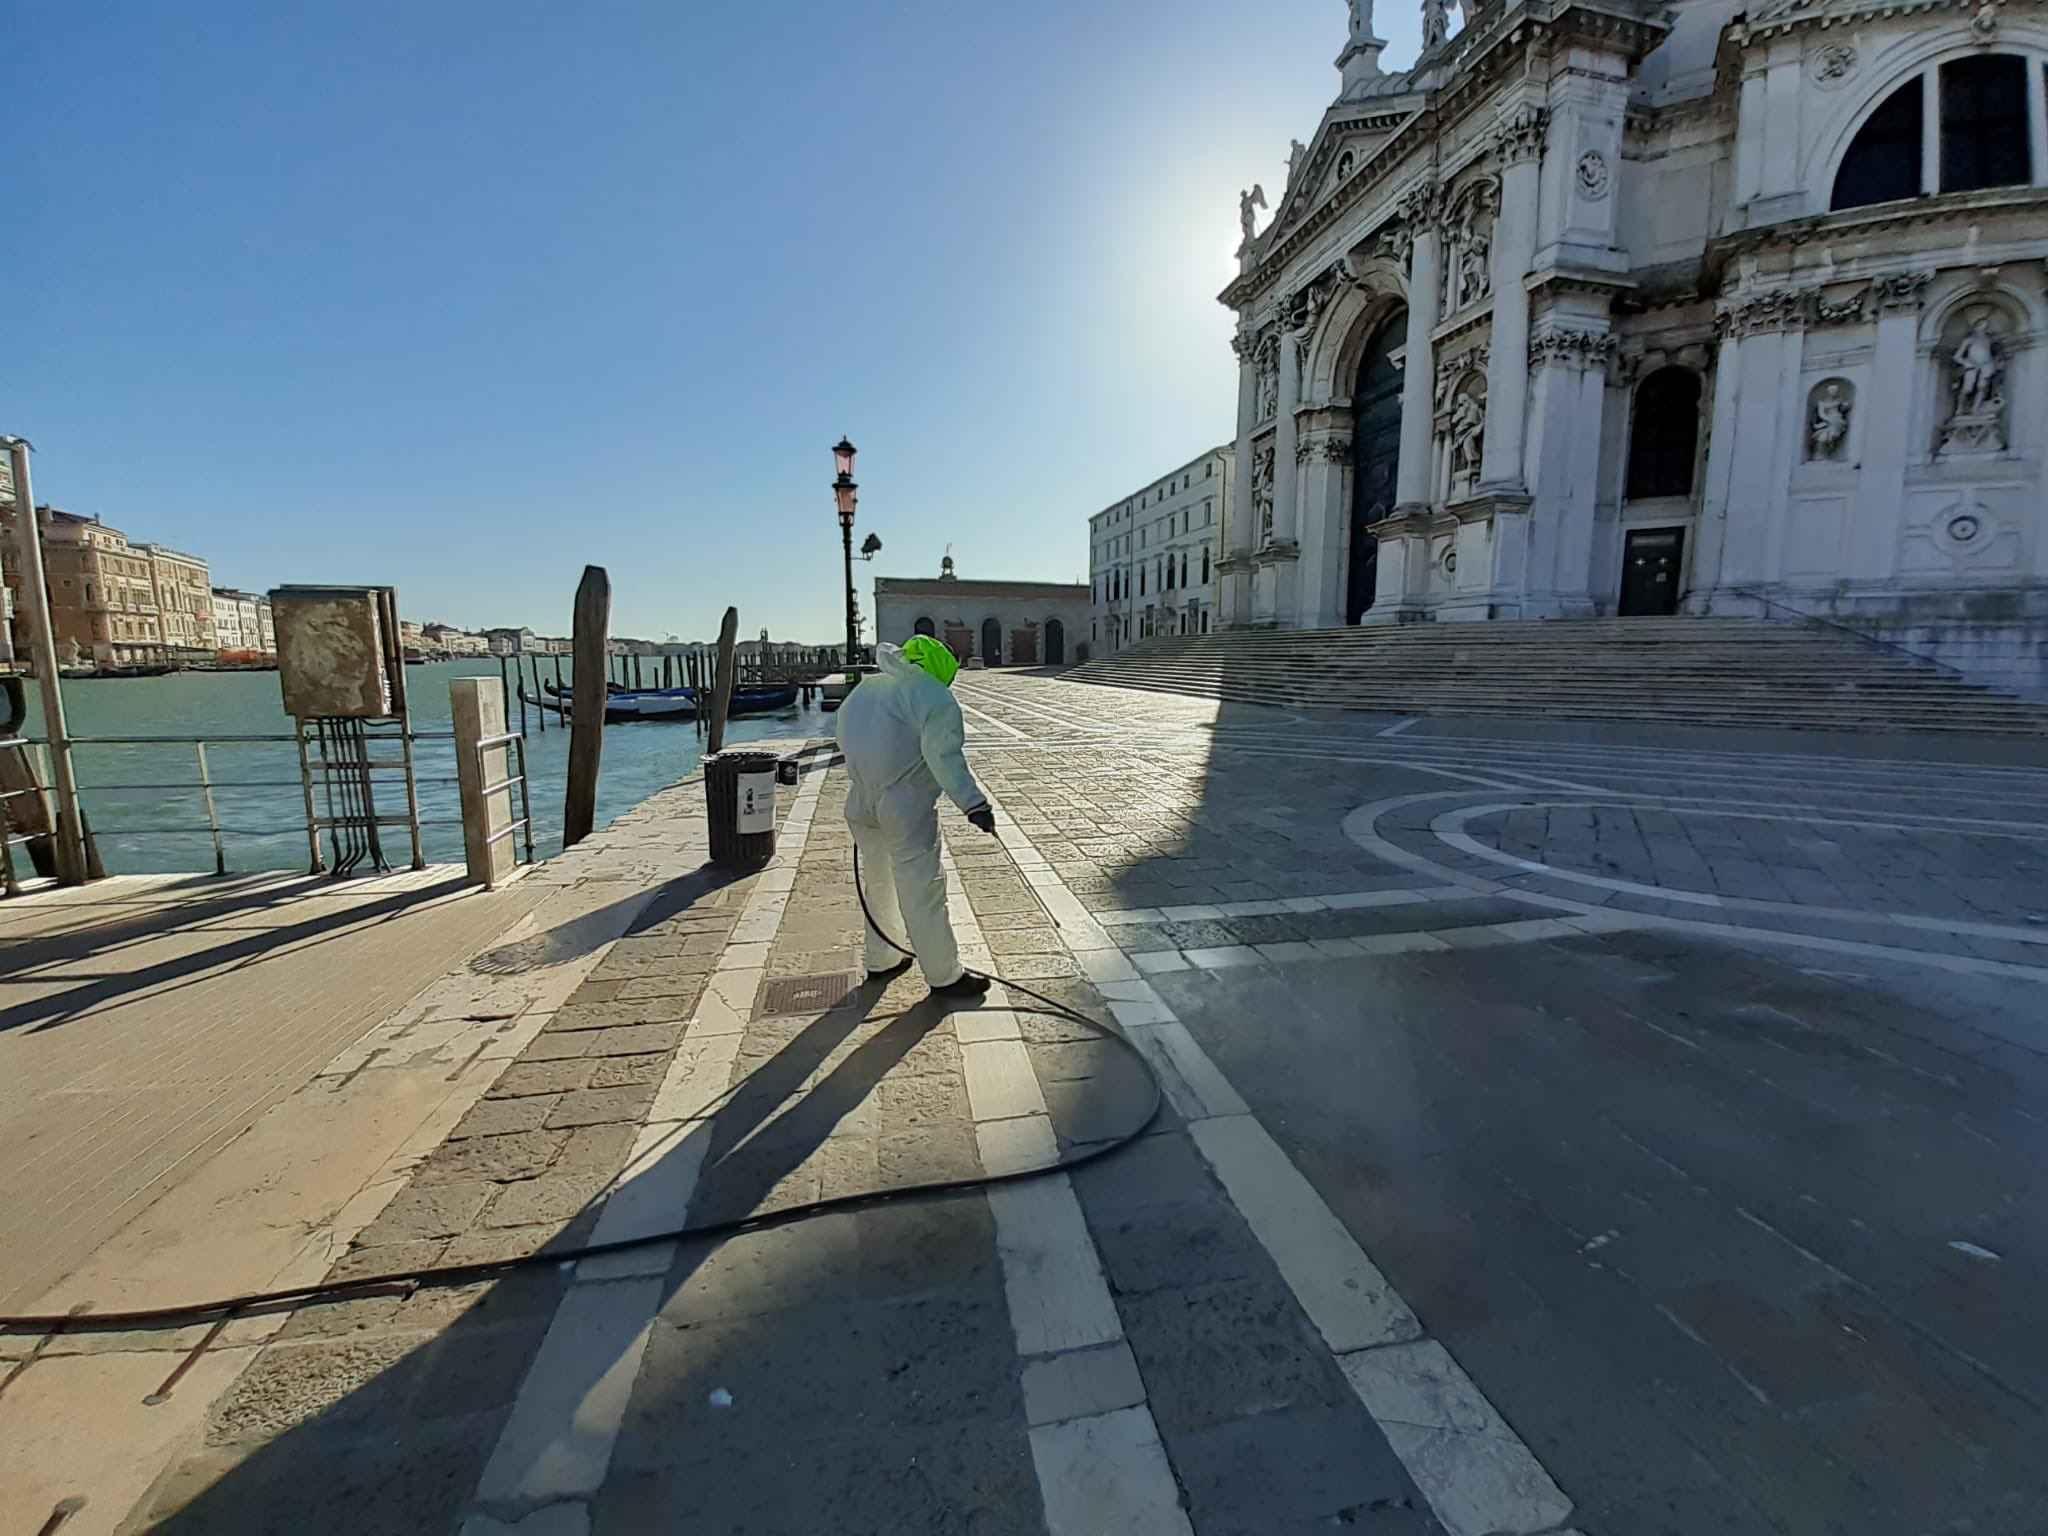 Técnico faz higienização de espaço público na Itália